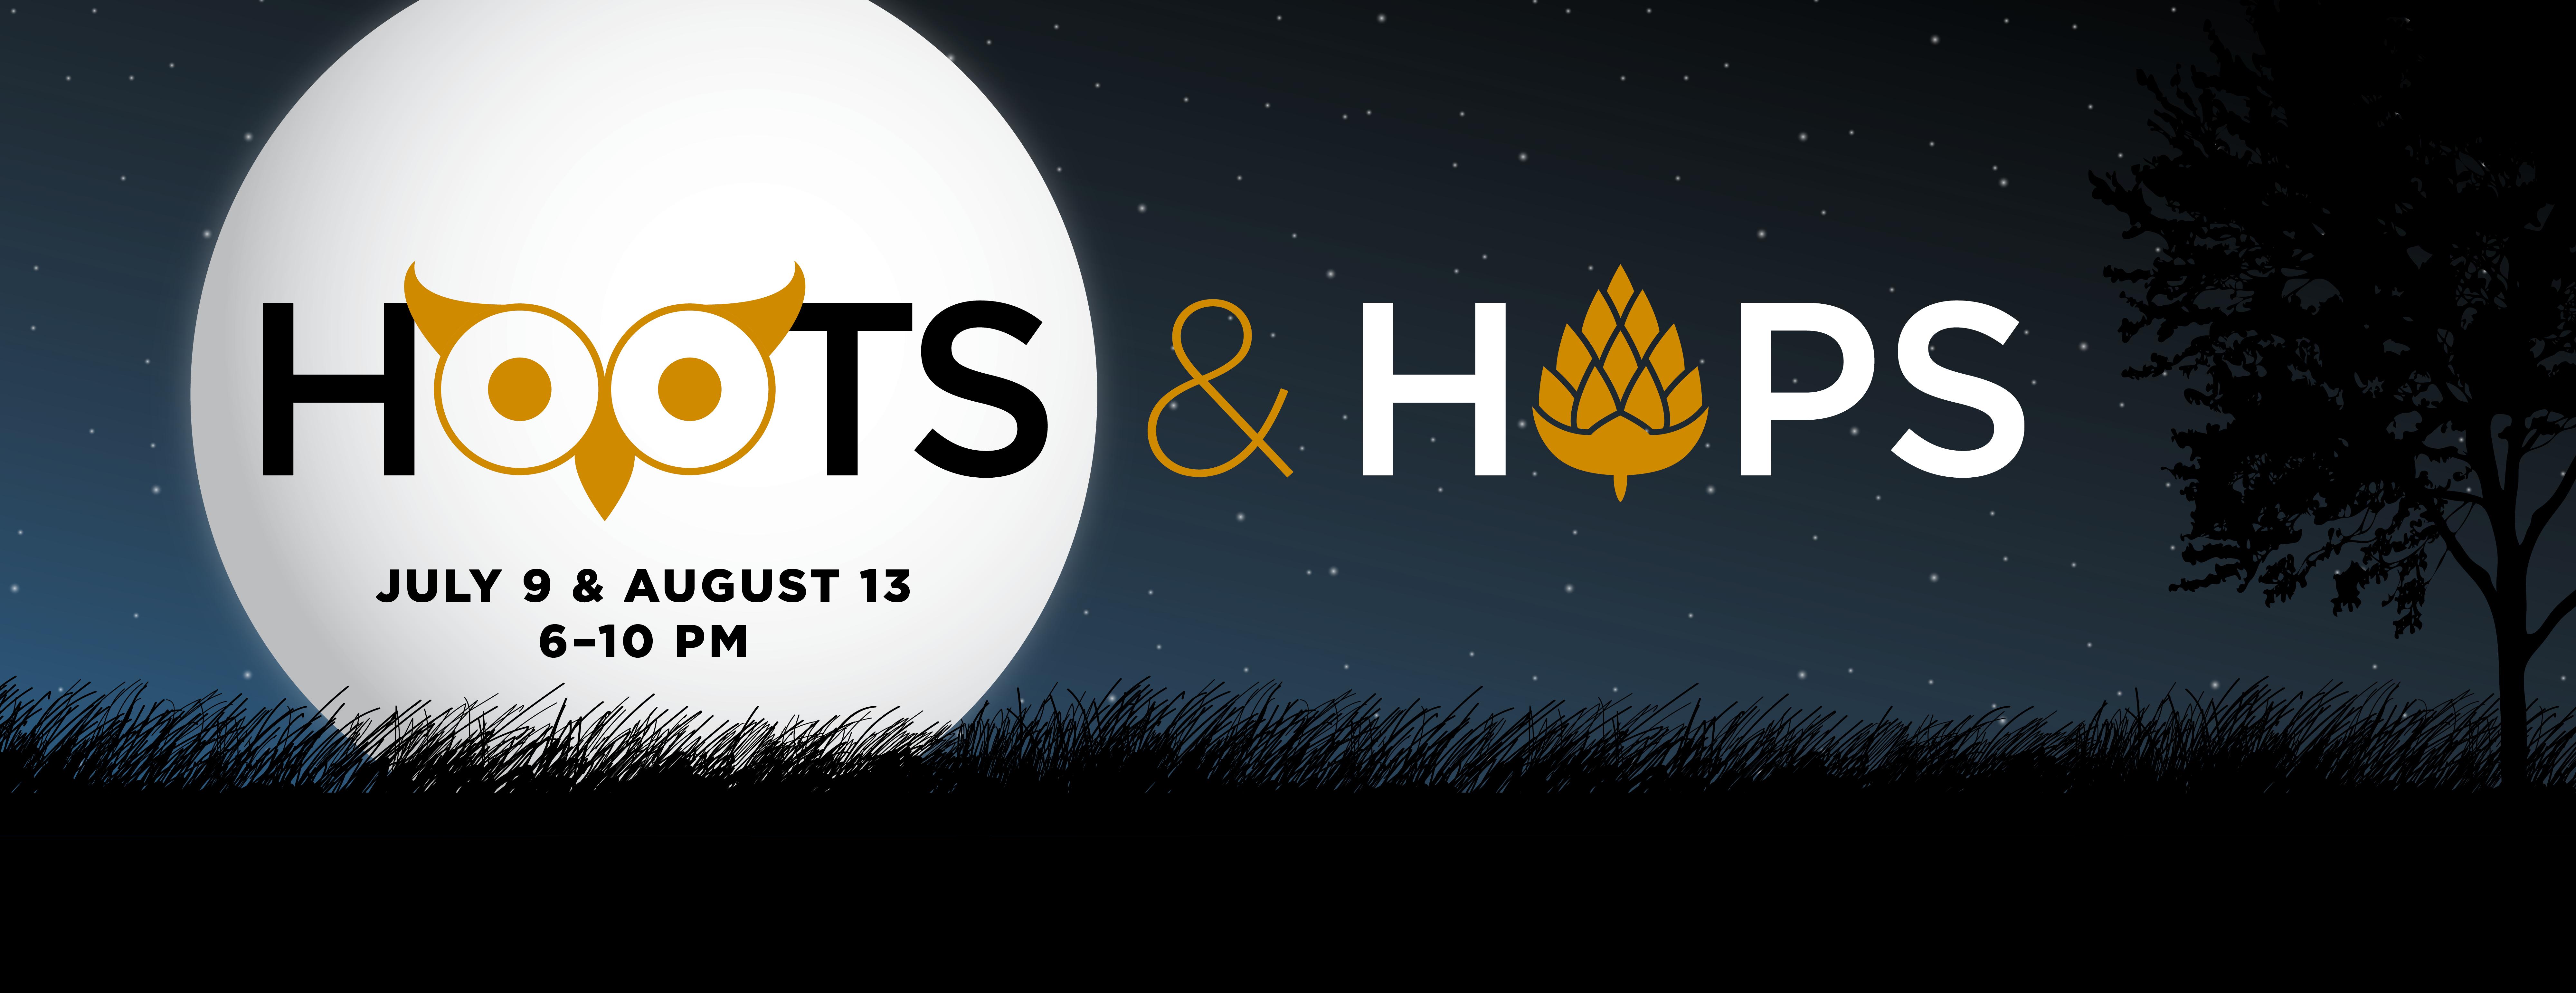 Hoots & Hops Banner